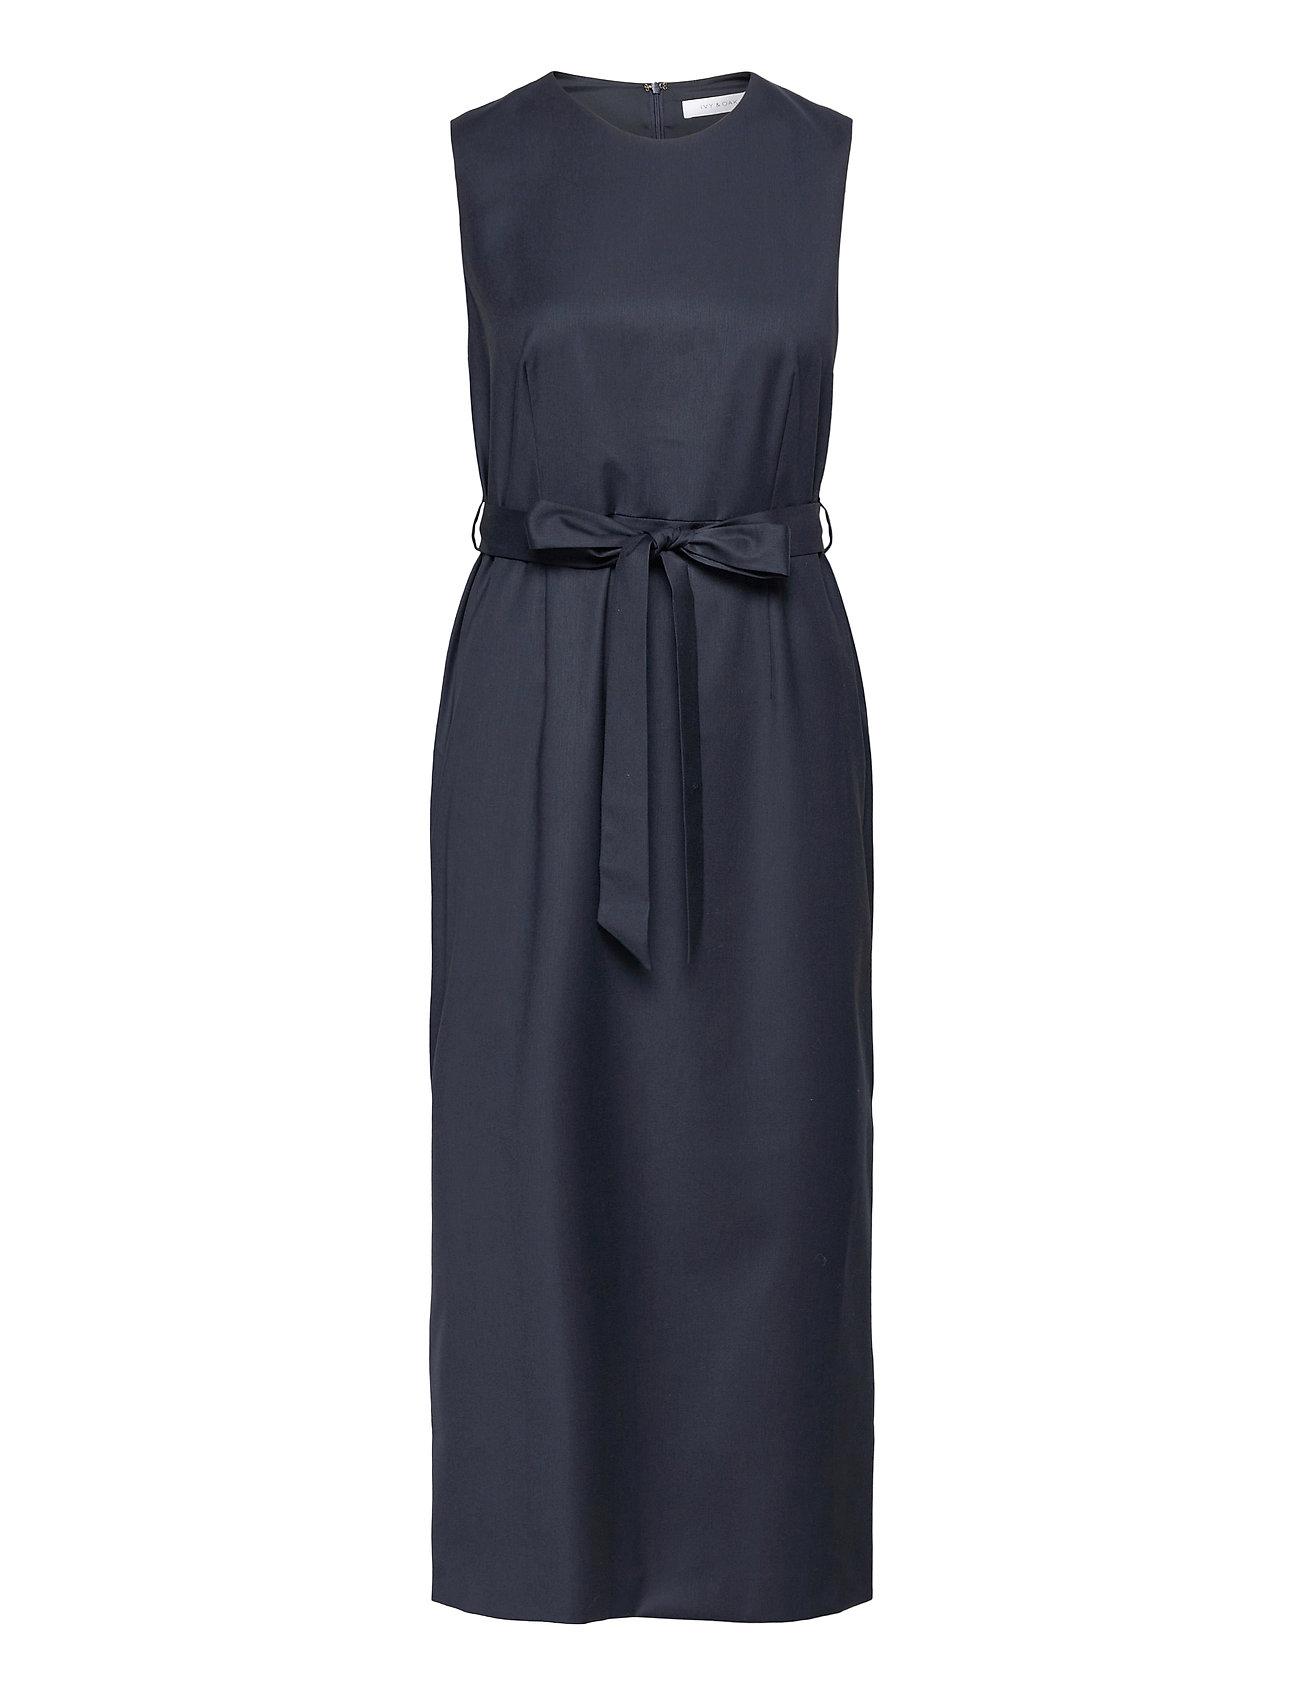 Image of Belted Dress Midi Length Knælang Kjole Blå Ivy & Oak (3468066067)